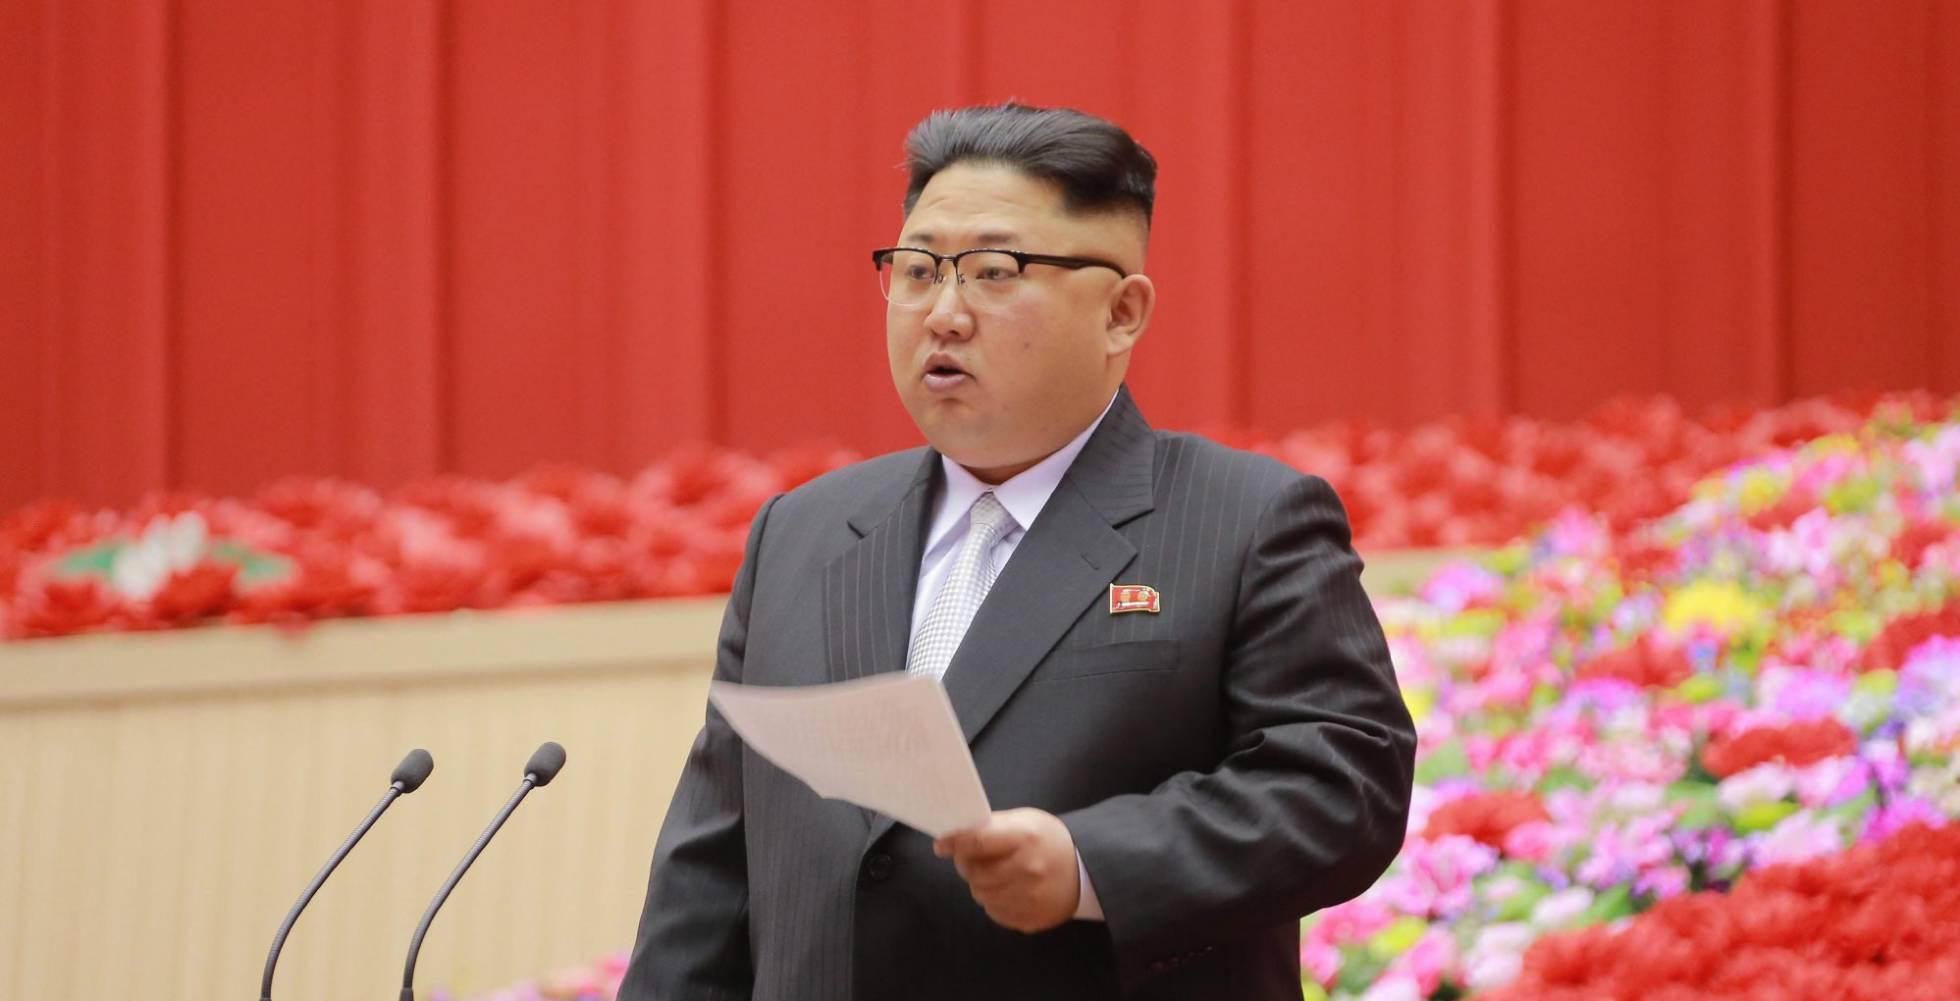 guerra - Corea Del Norte...¿La guerra se acerca? - Página 29 1483009965_155566_1483010162_noticia_normal_recorte1